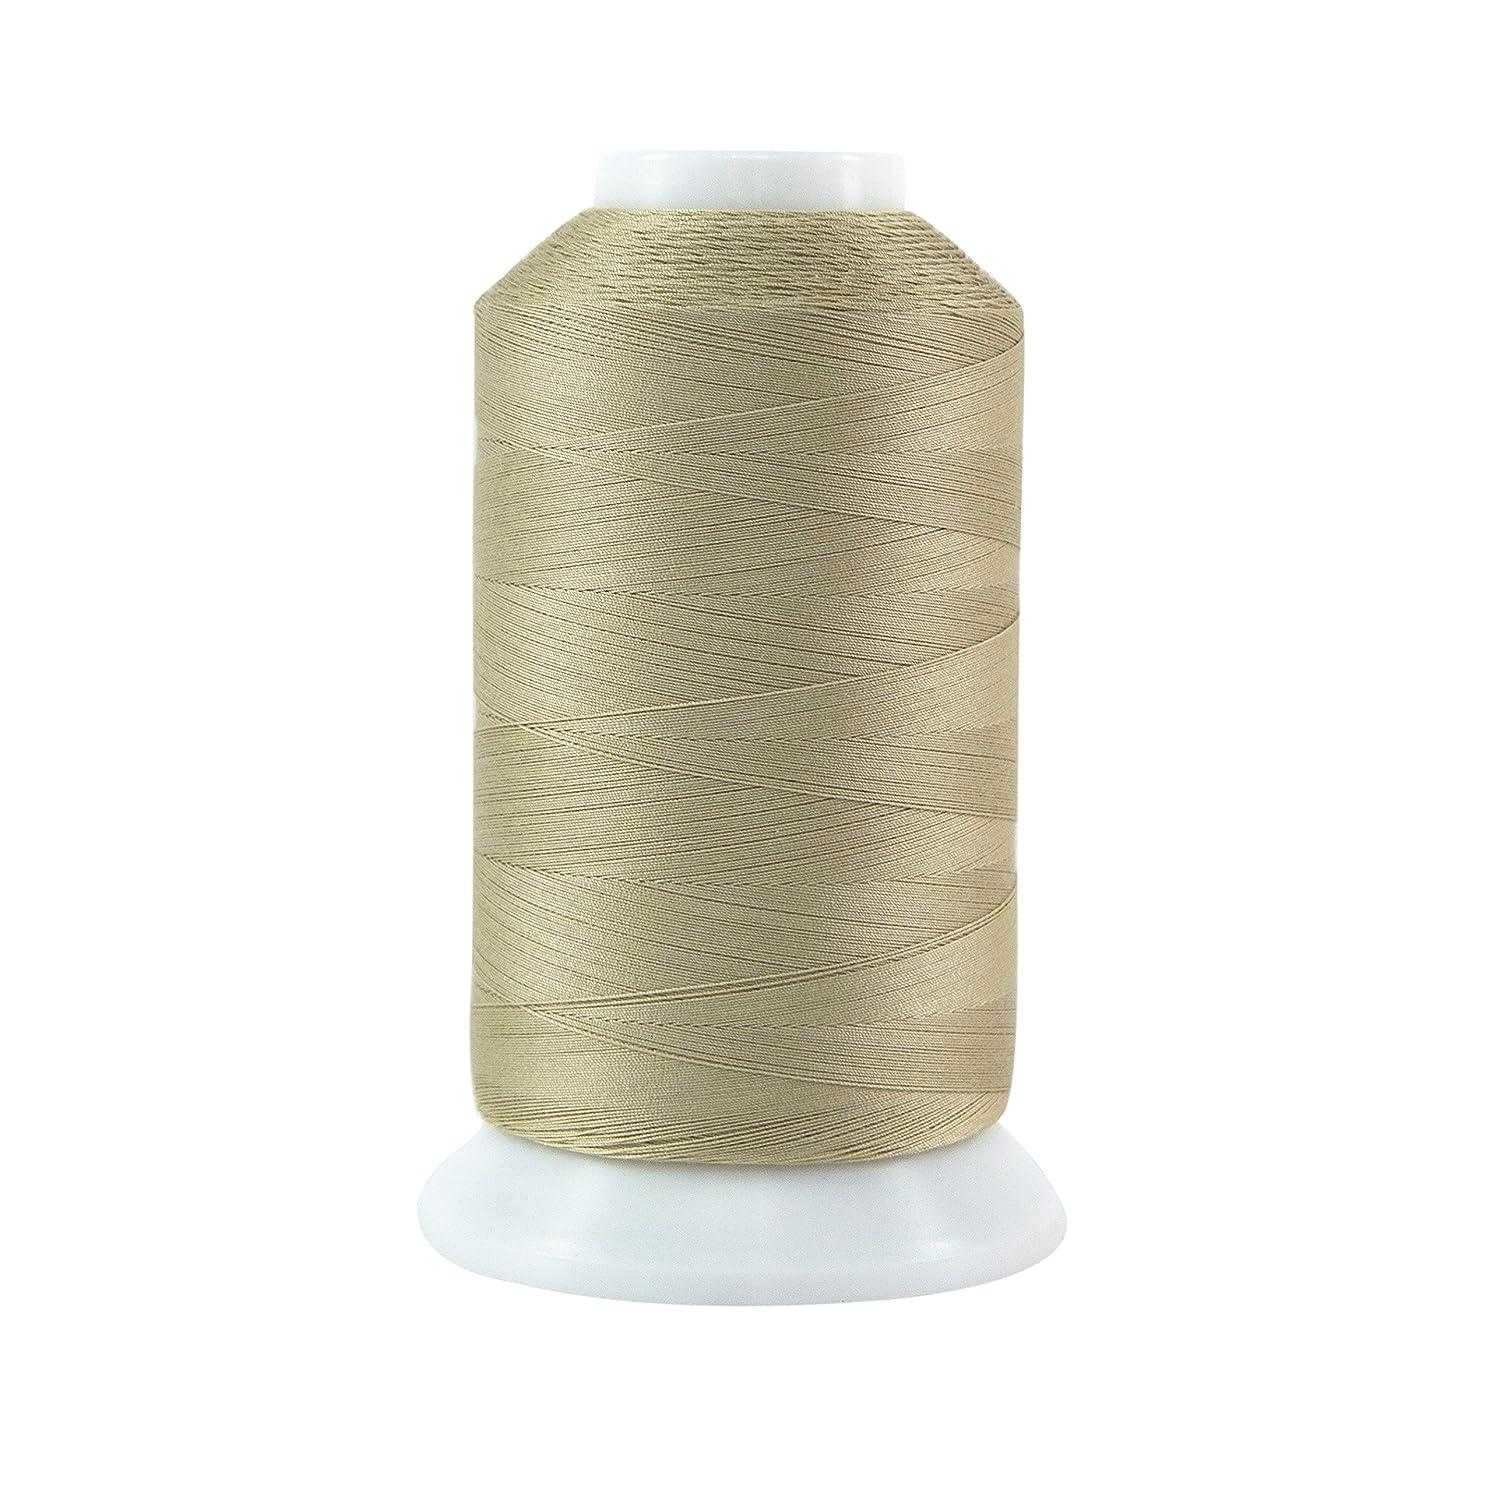 Superior Threads 12402-182 Masterpiece Ash Blonde 50W Thread, 2500 yd